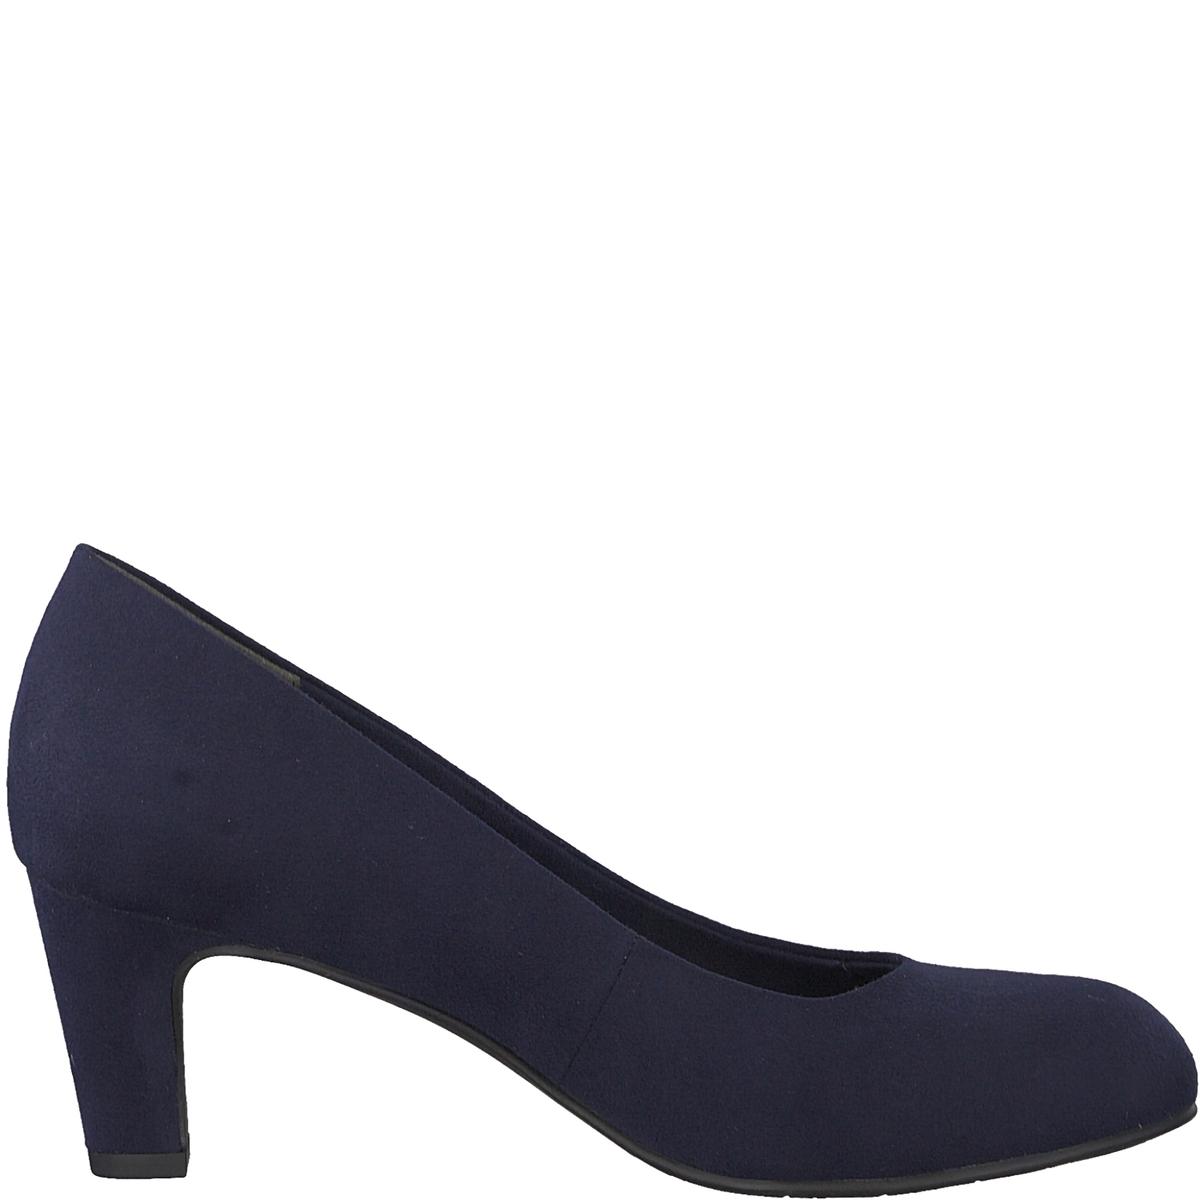 Туфли CaxiasДетали •  Широкий каблук •  Высота каблука : 6 см •  Застежка : без застежки •  Круглый мысокСостав и уход •  Верх 100% текстиль •  Подкладка 50% синтетического материала, 50% текстиля •  Стелька 100% синтетический материал<br><br>Цвет: синий морской<br>Размер: 37.40